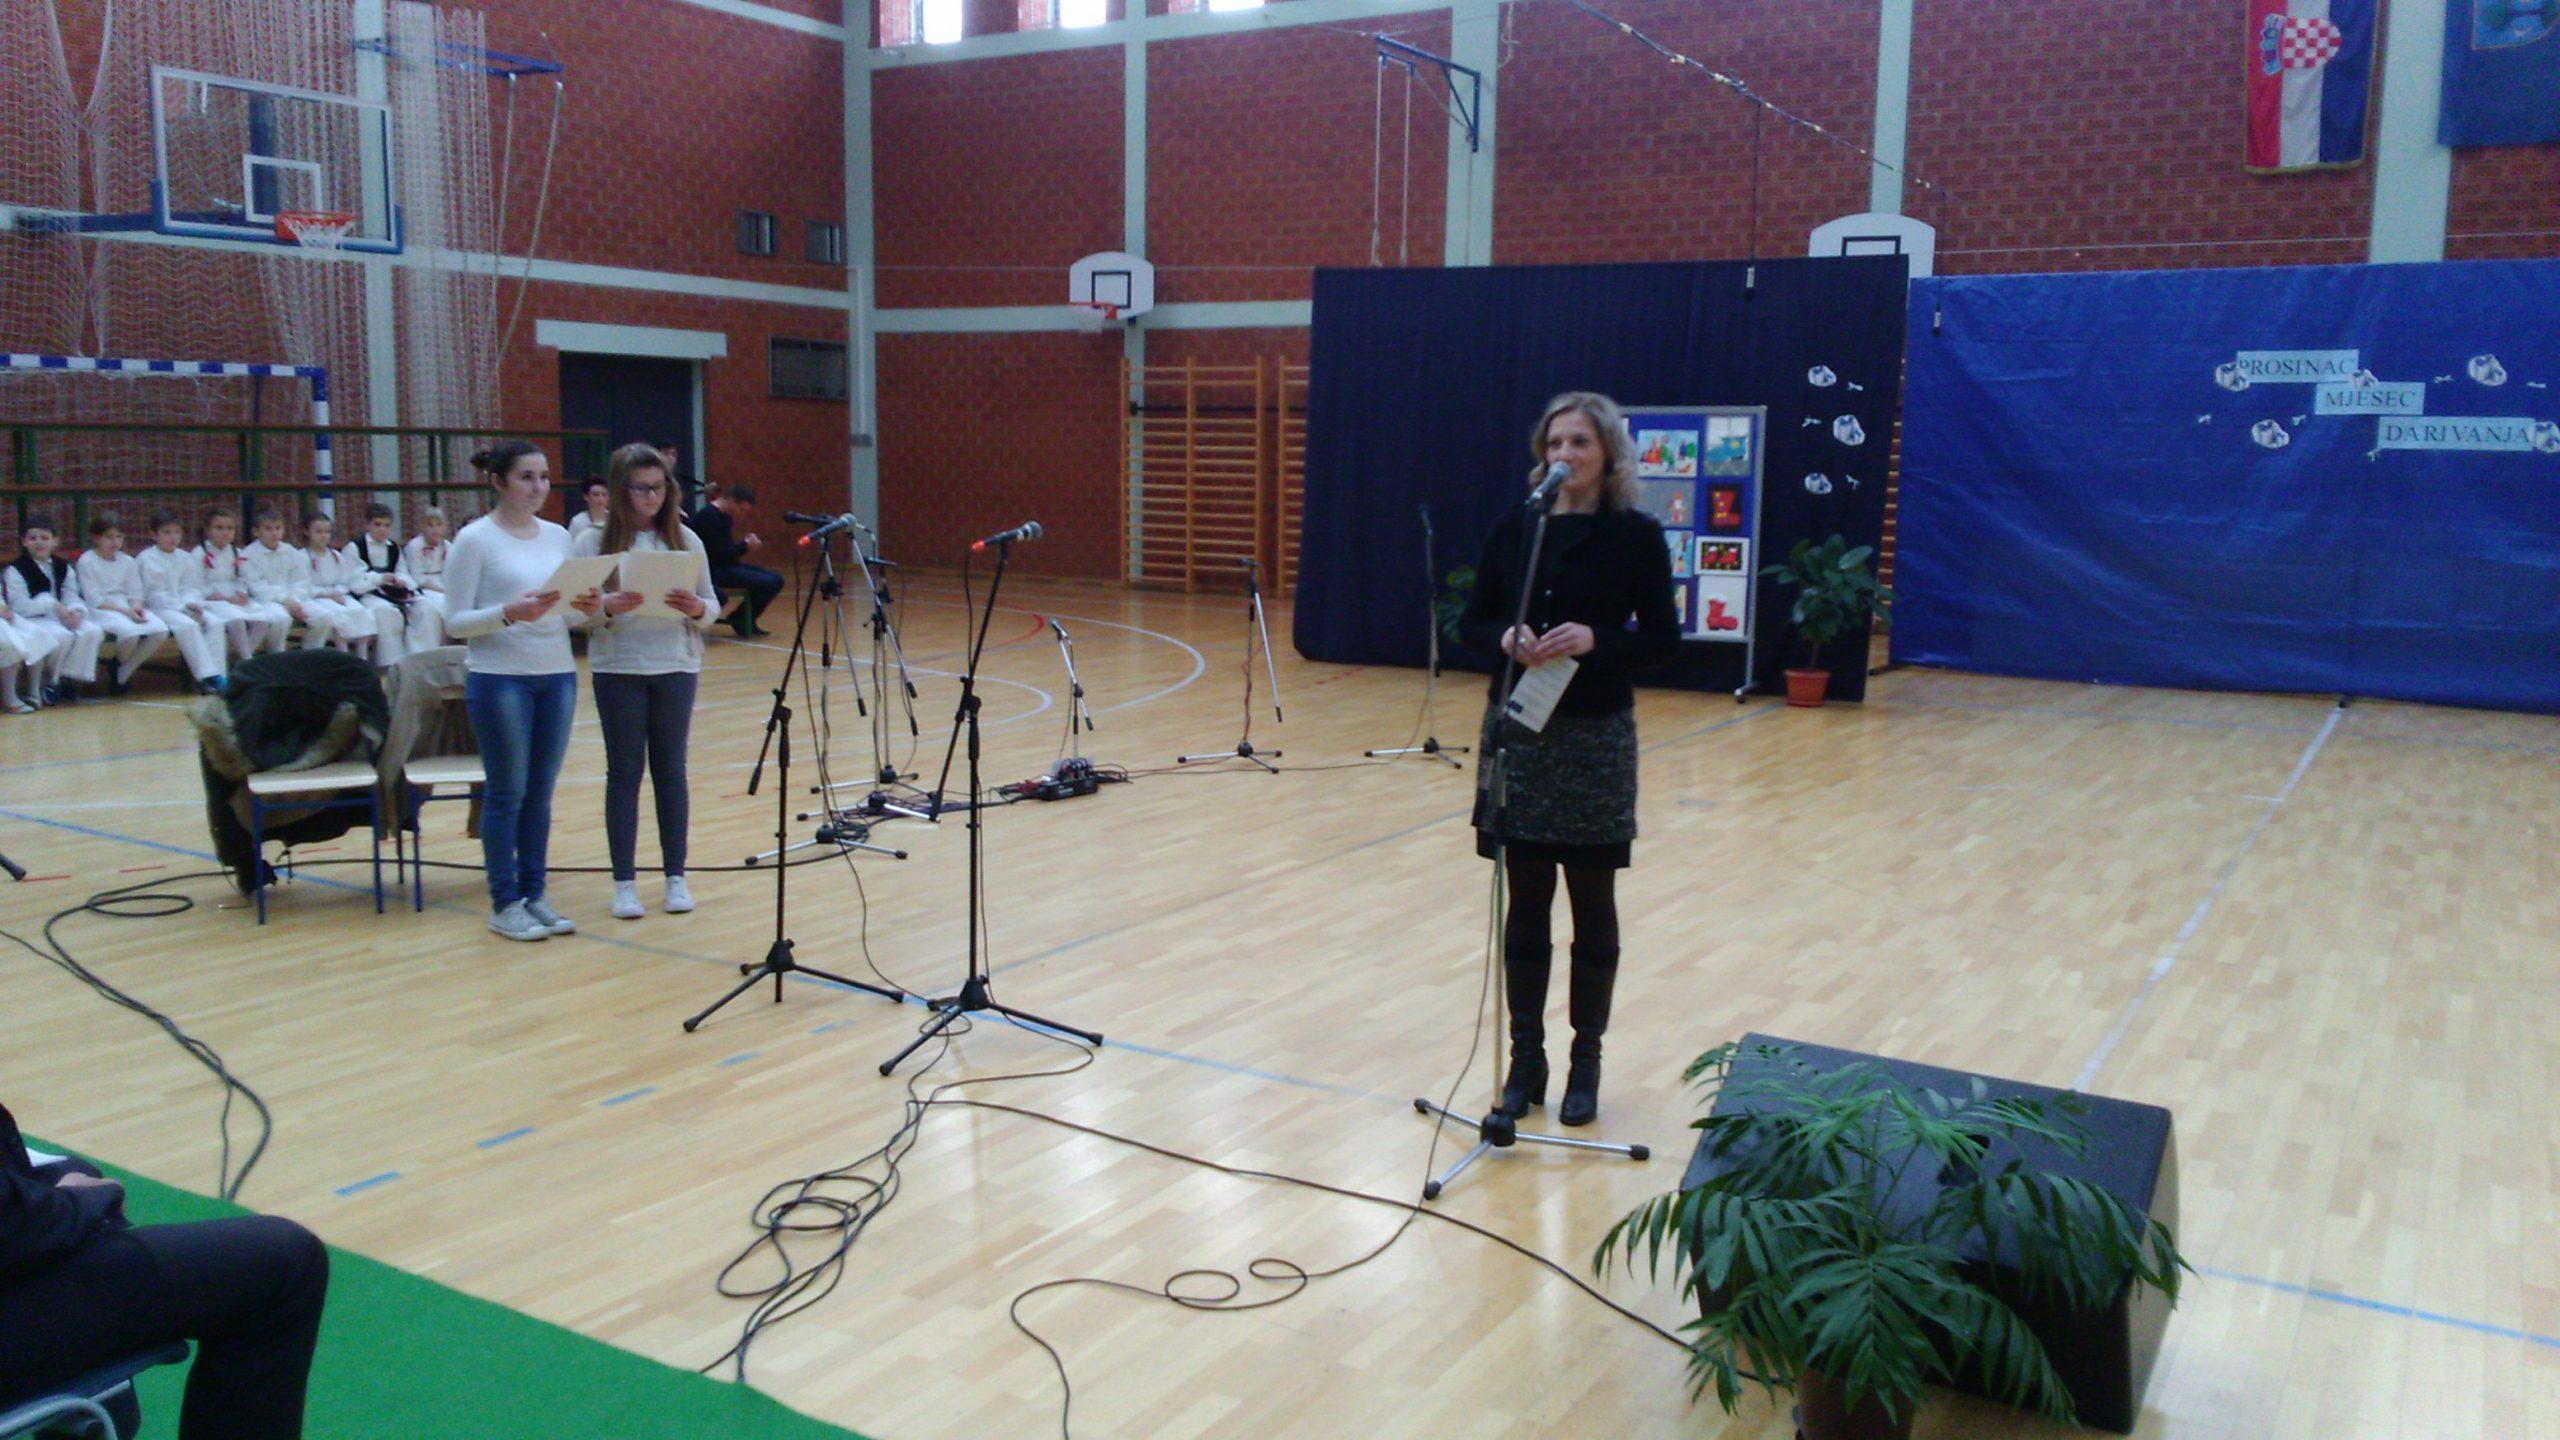 Završna konferencija projekta energetske obnove matične škole Osnovne škole Dragutina Lermana u Brestovcu